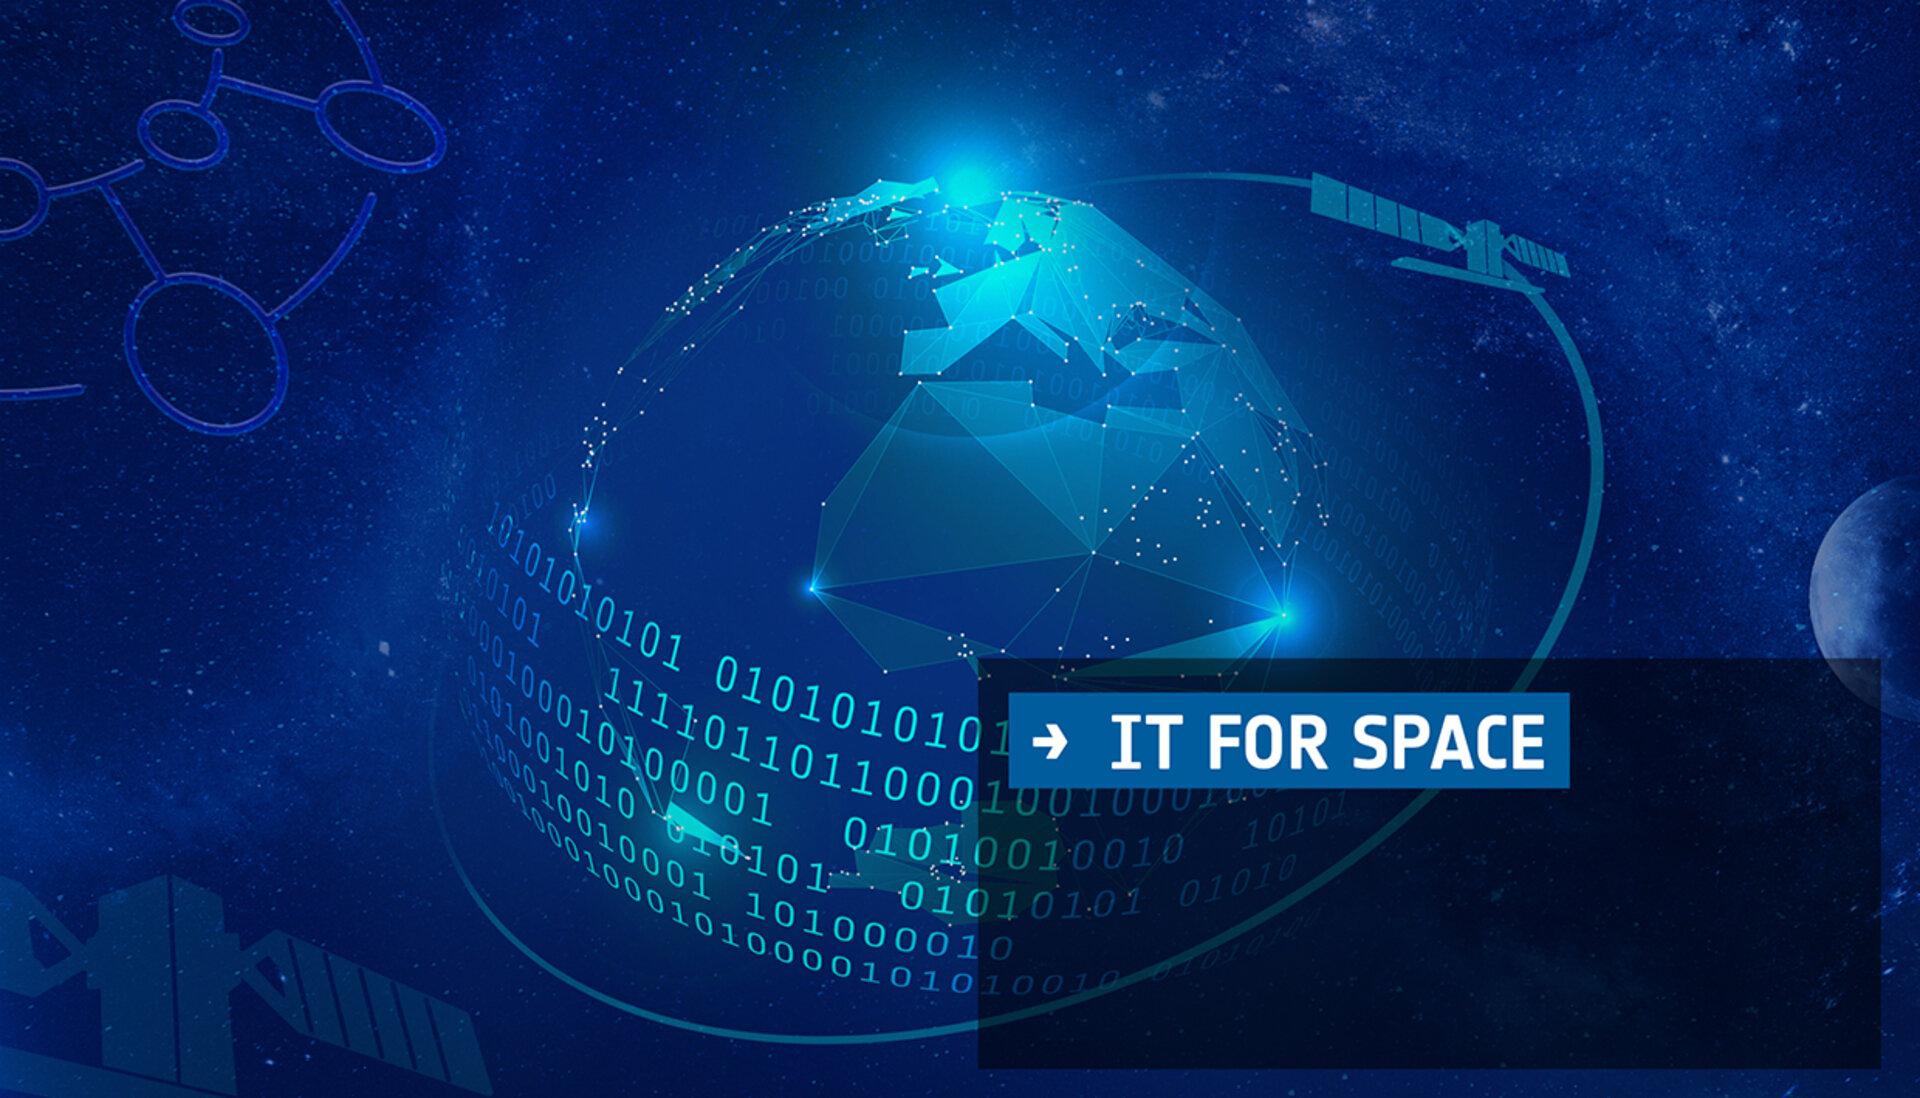 Vacancies in ESA's IT Department